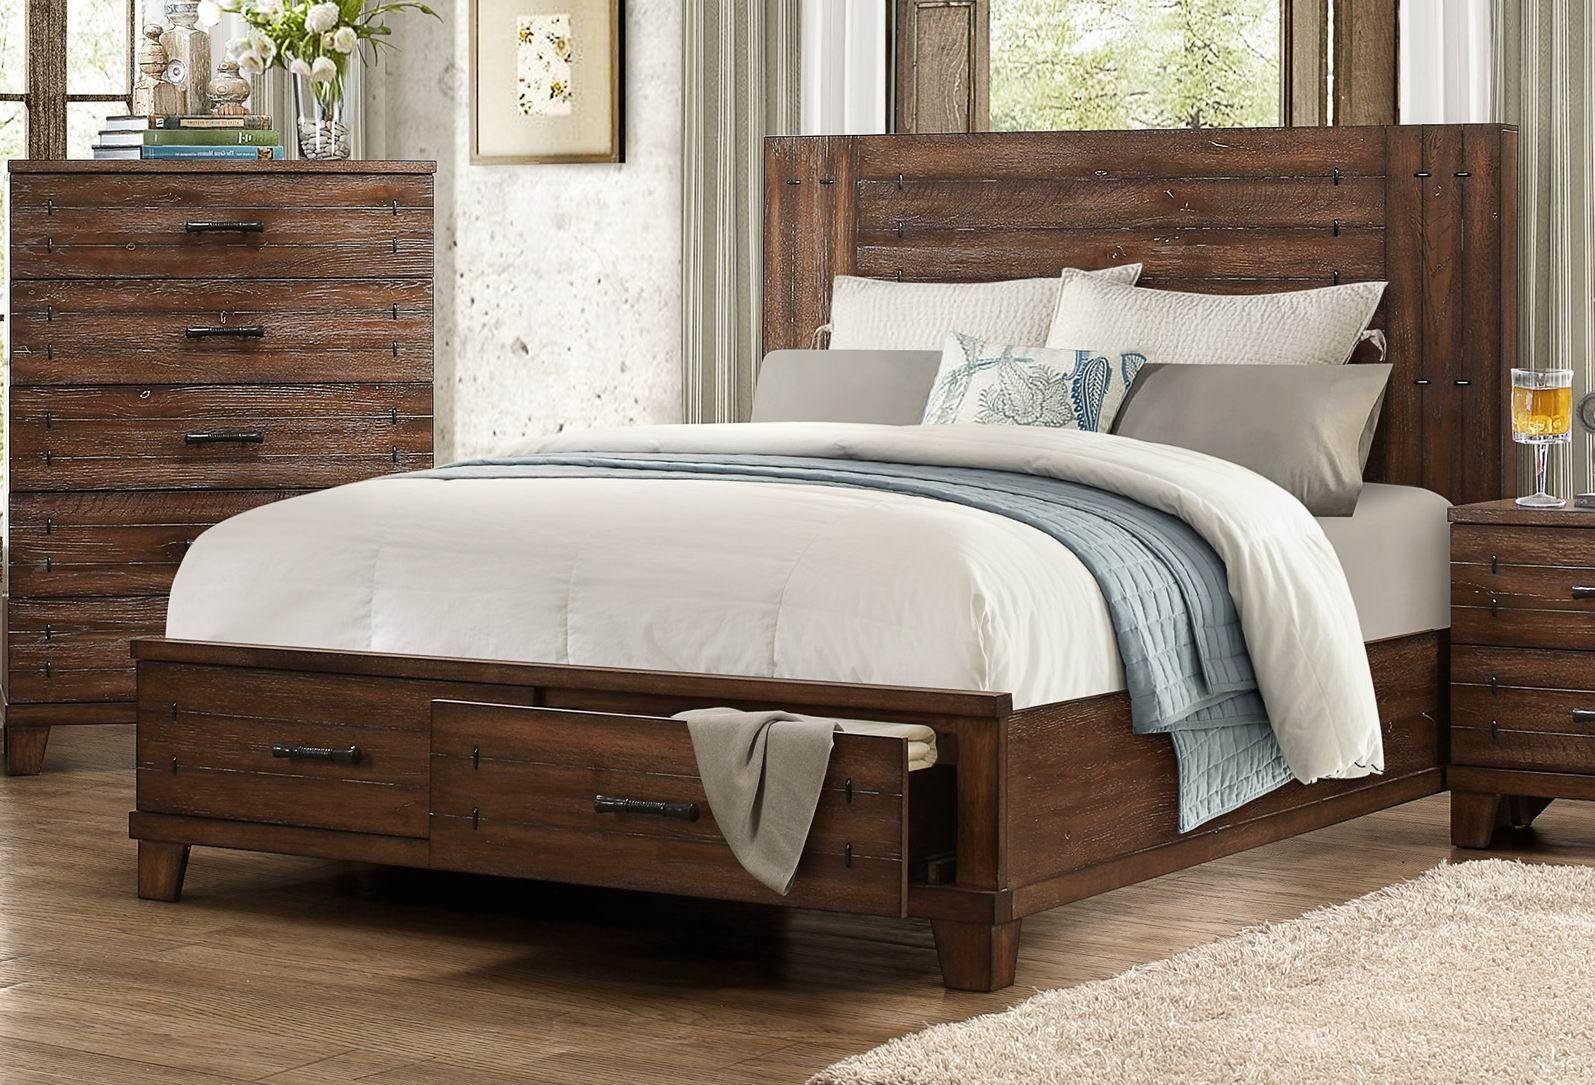 brazoria natural wood queen platform storage bed from homelegance 1877 1 coleman furniture. Black Bedroom Furniture Sets. Home Design Ideas